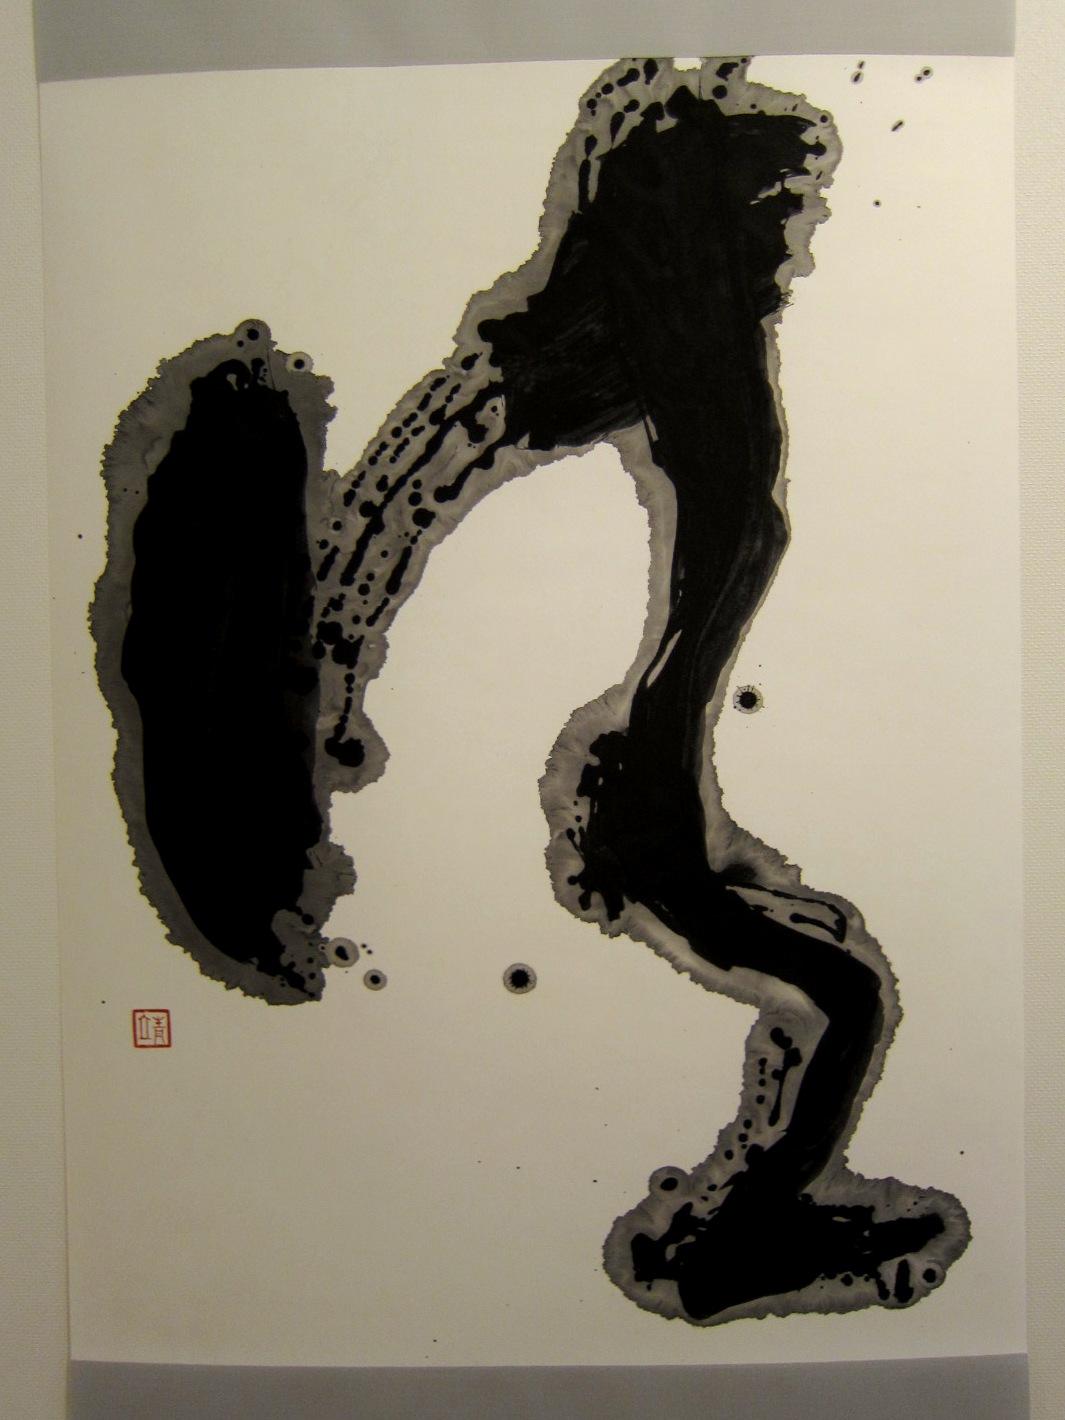 2065)「[現代書と彫刻のコラボレーション] -環境空間アートの提案-」 エッセ 5月21日(火)~5月26日(日)_f0126829_030458.jpg